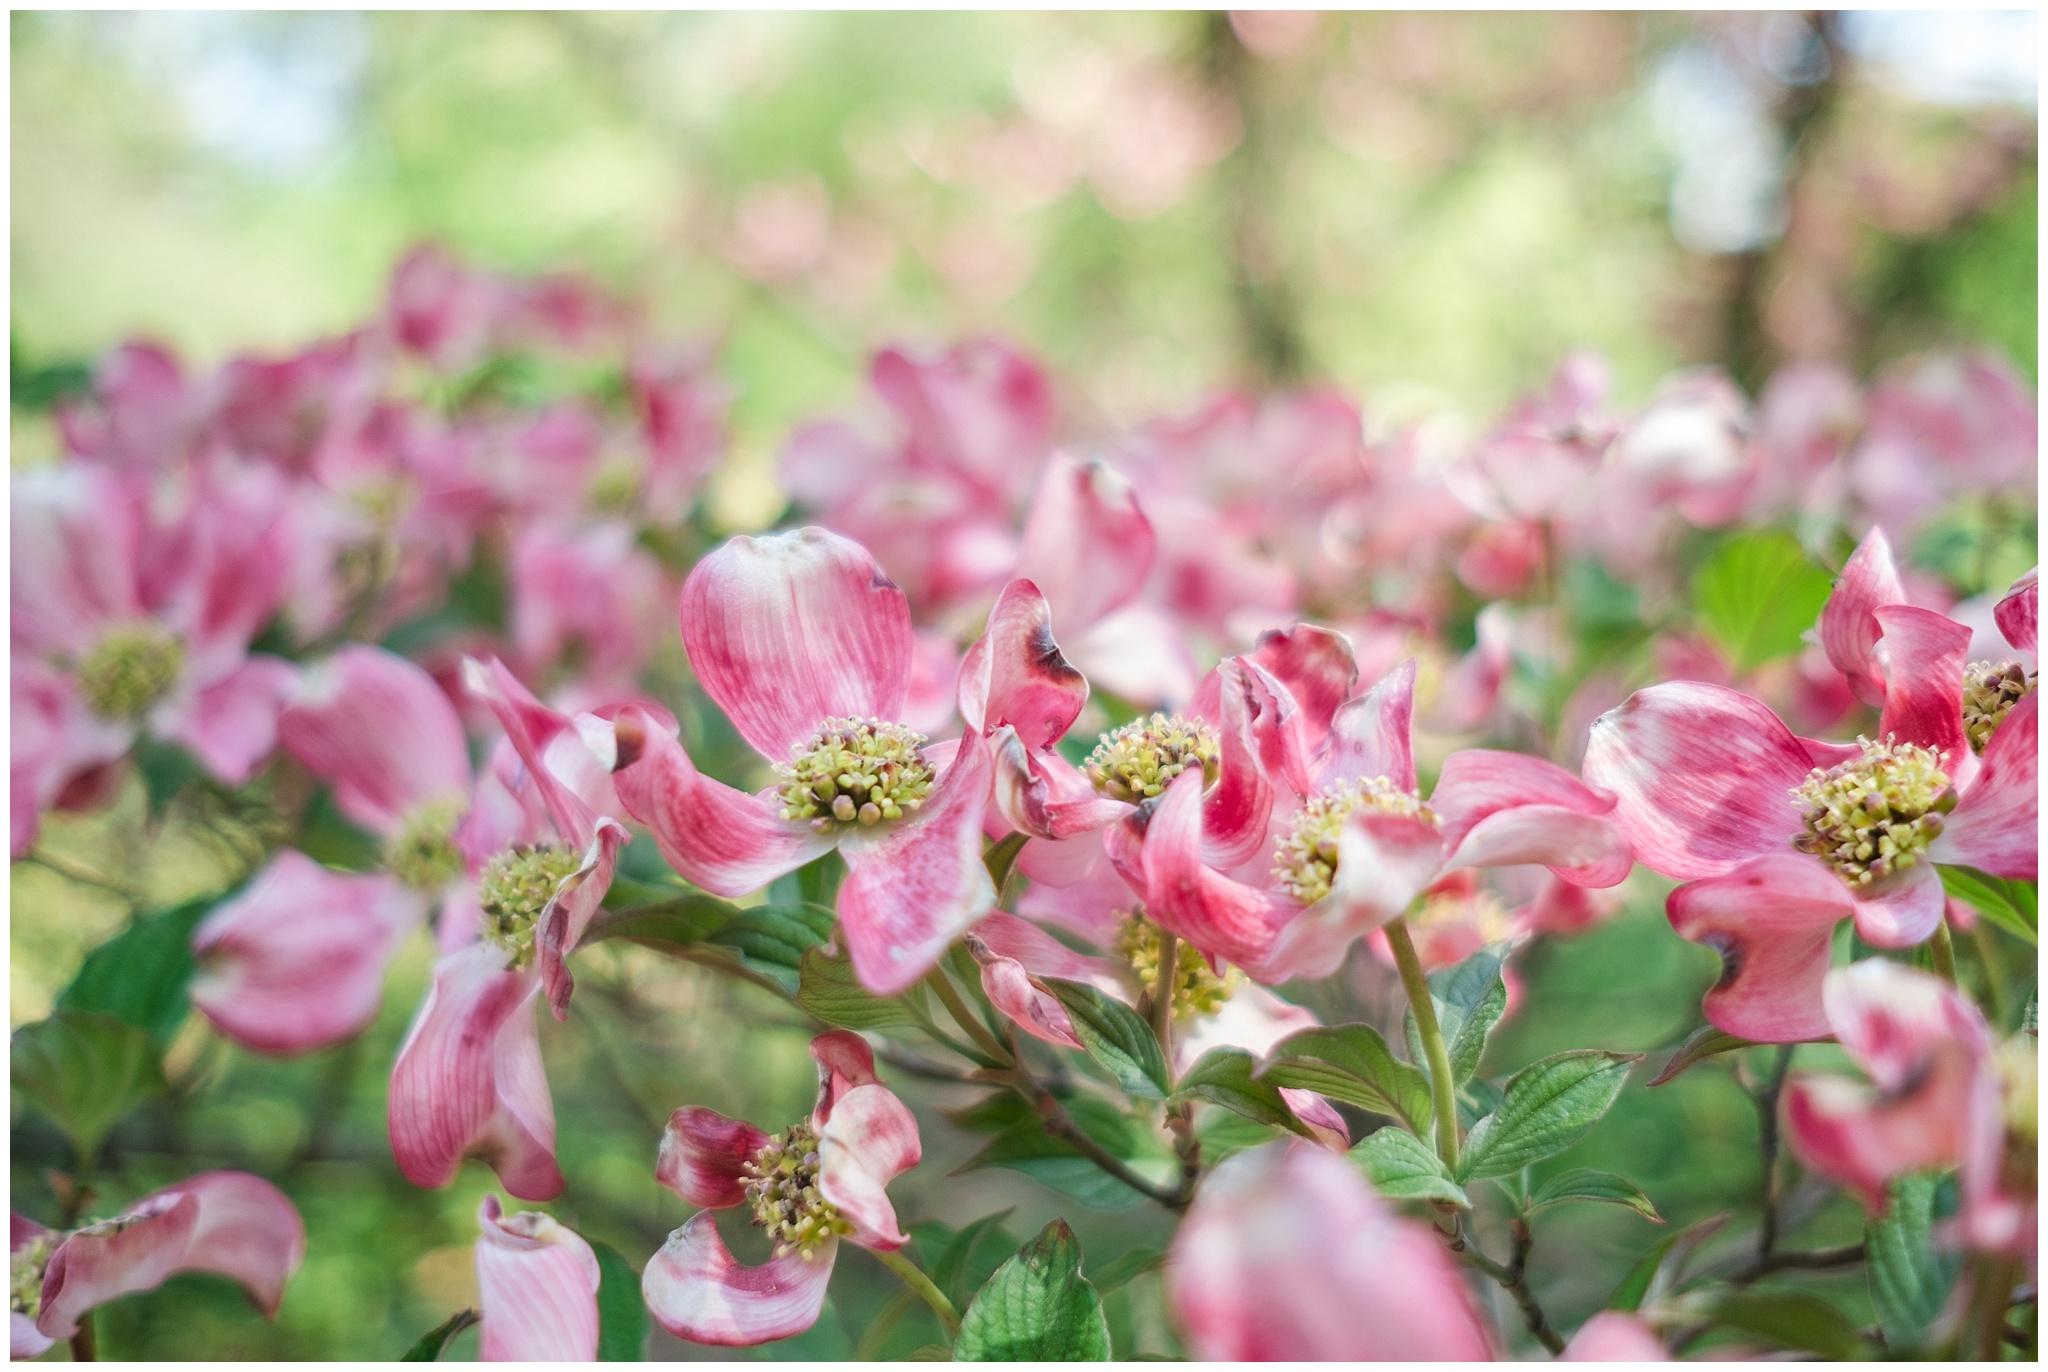 Arboretum_0003.jpg